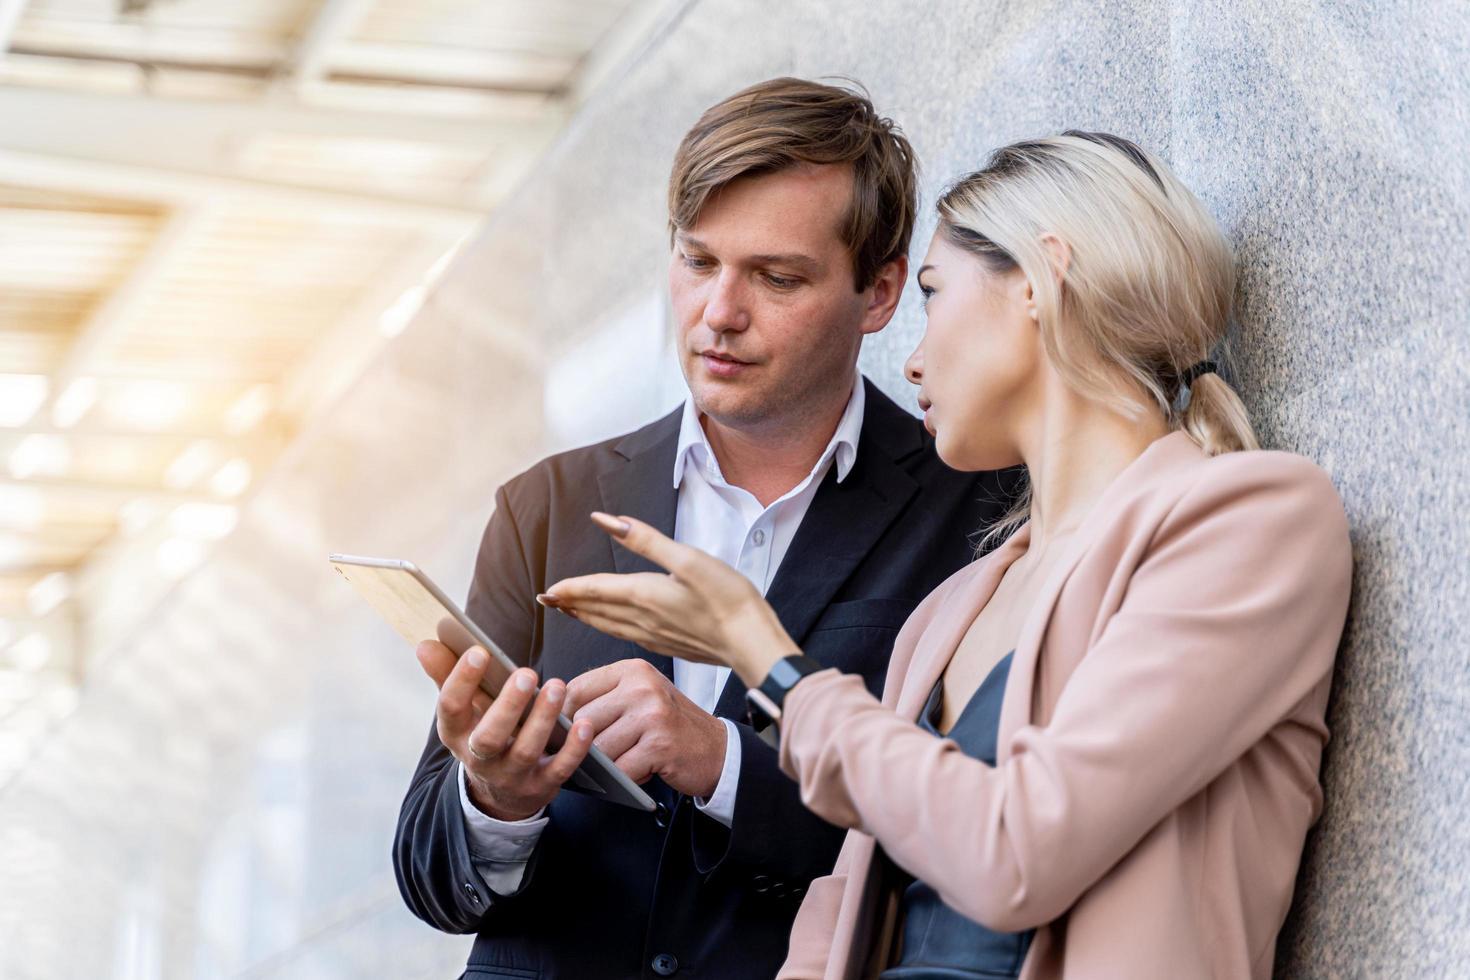 deux professionnels ayant une discussion à l'aide de la tablette photo